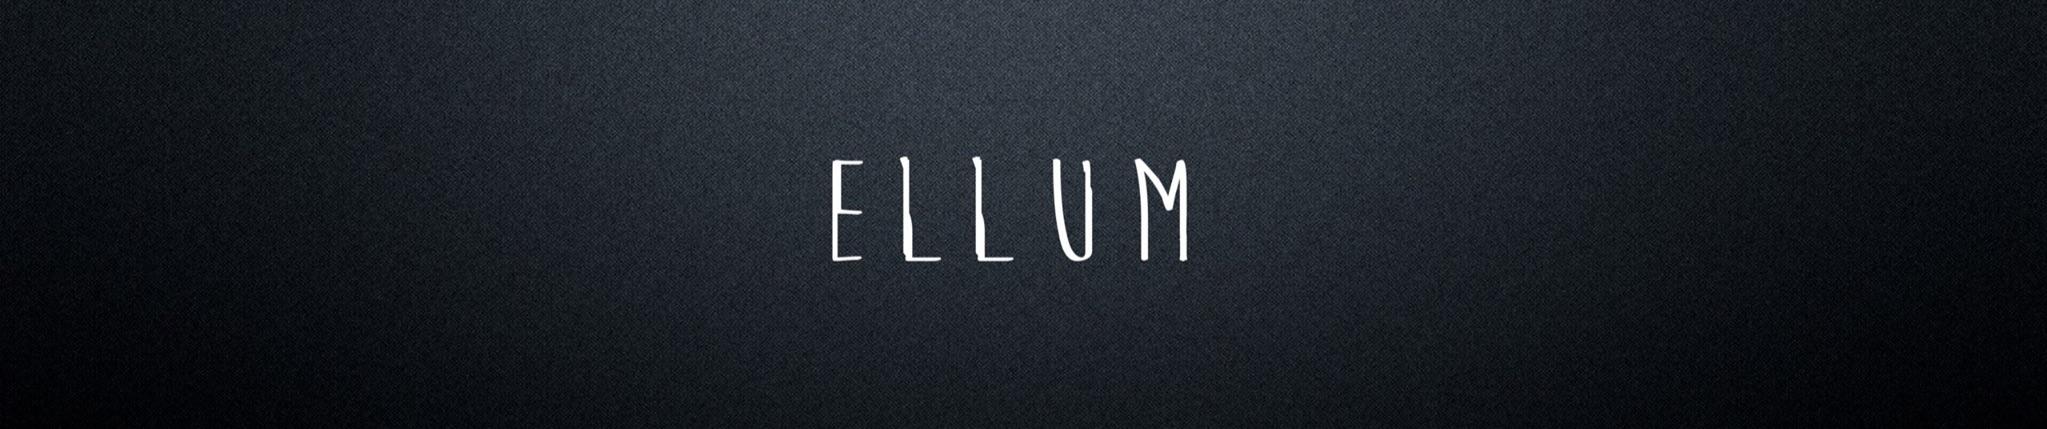 ellum records